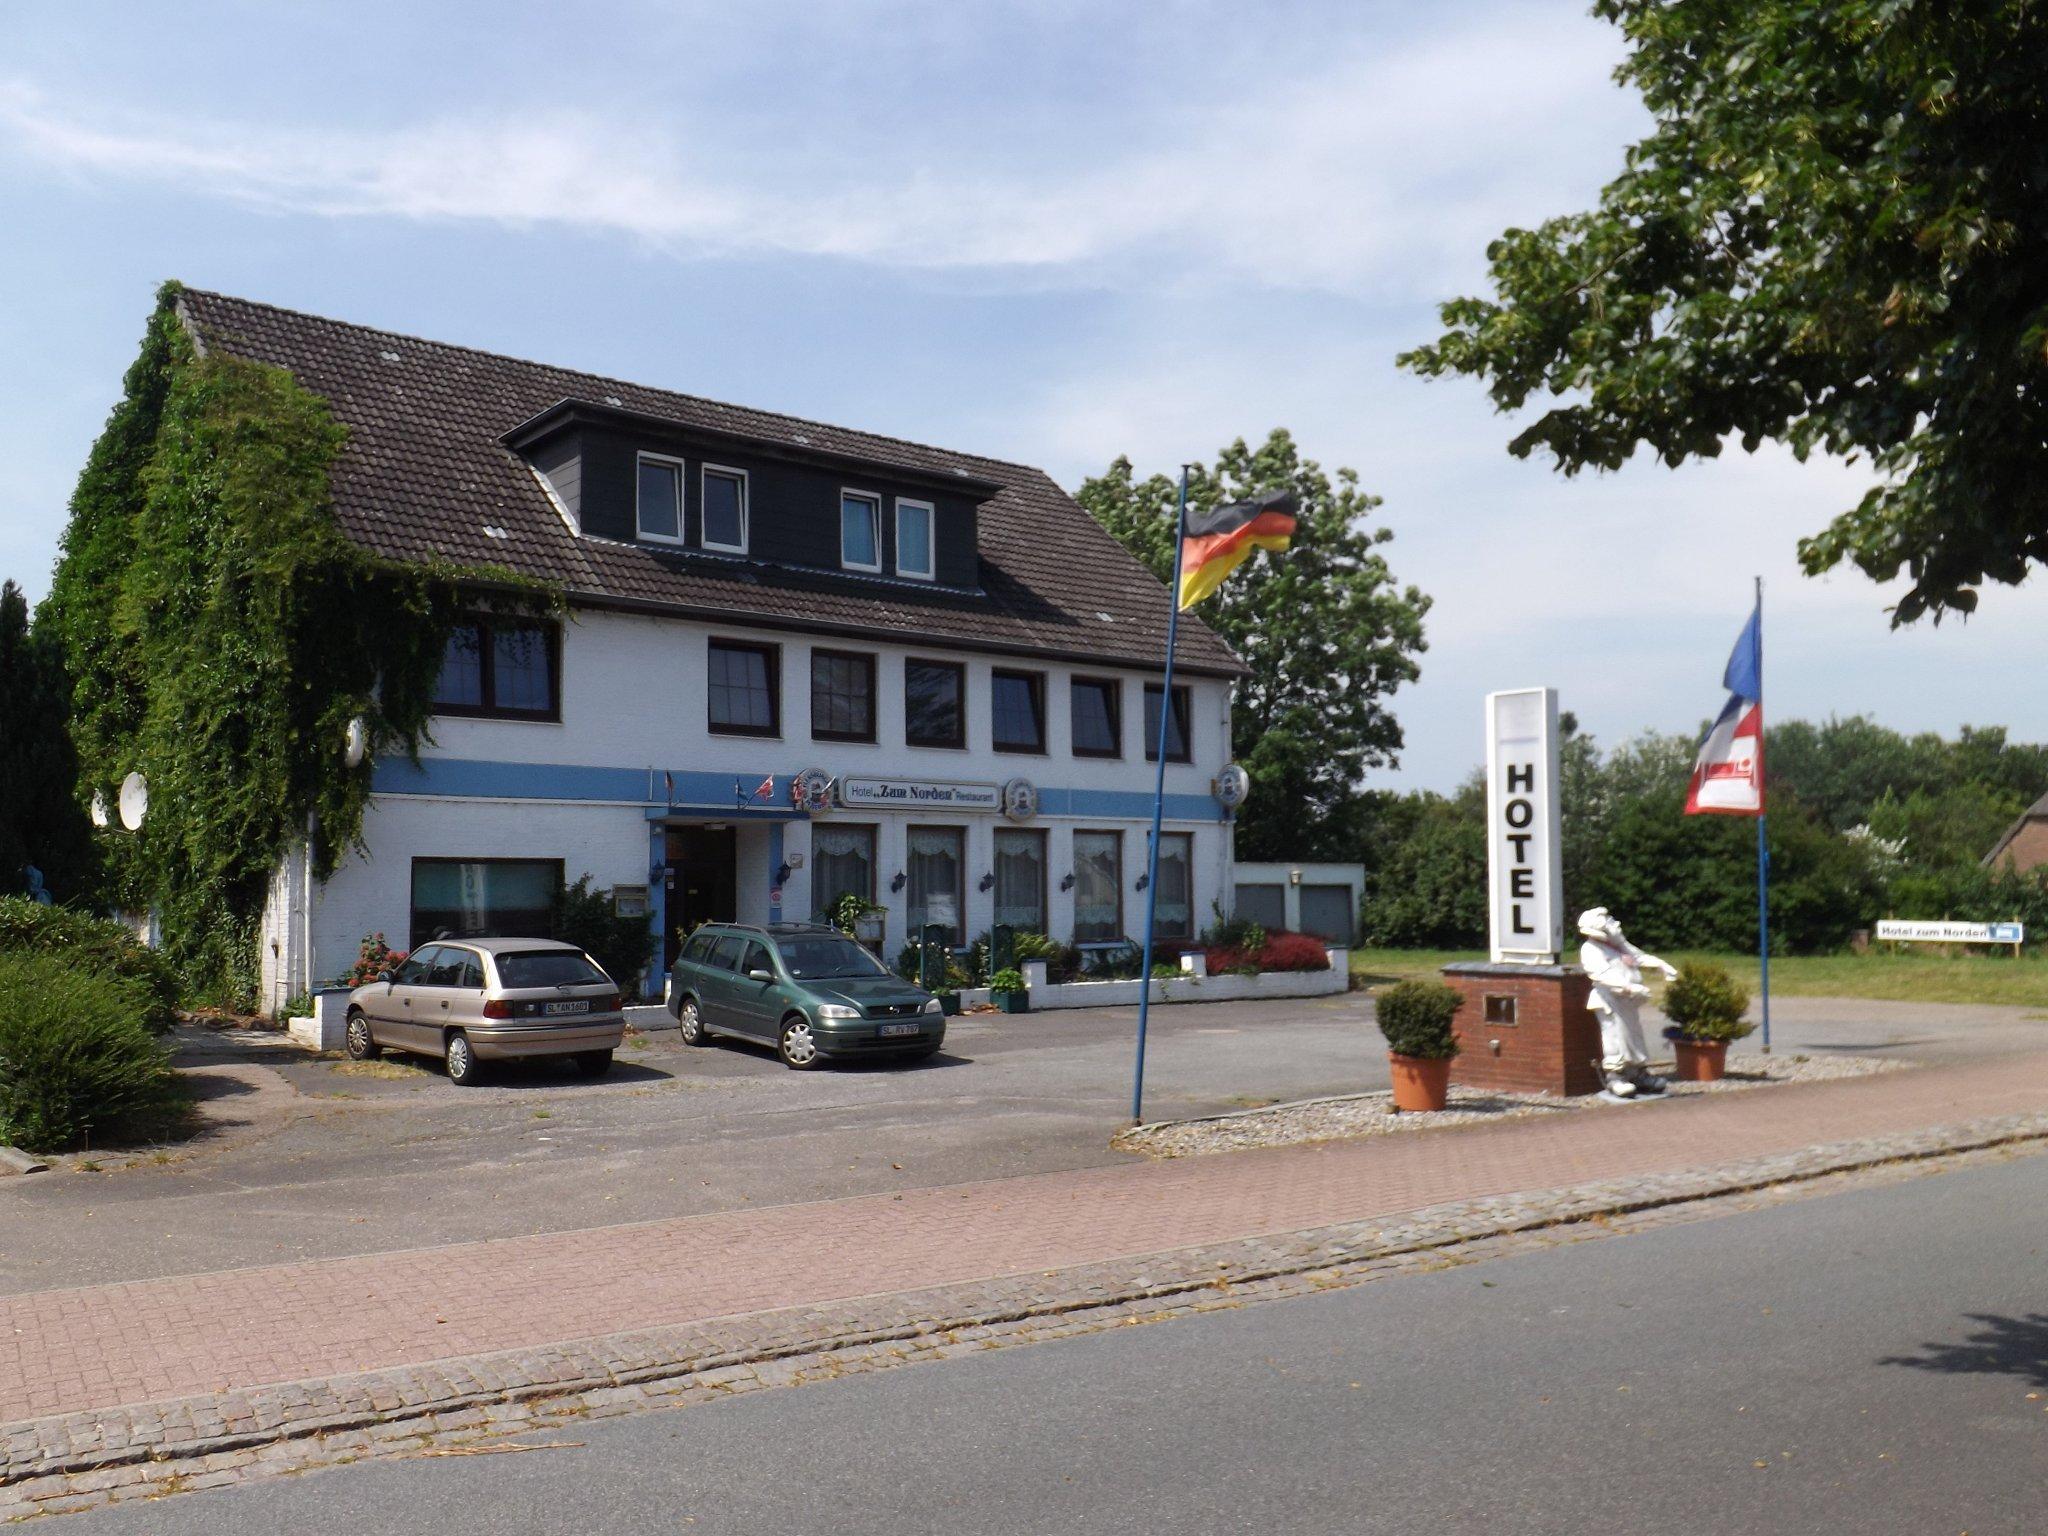 Hotel-aussen-01